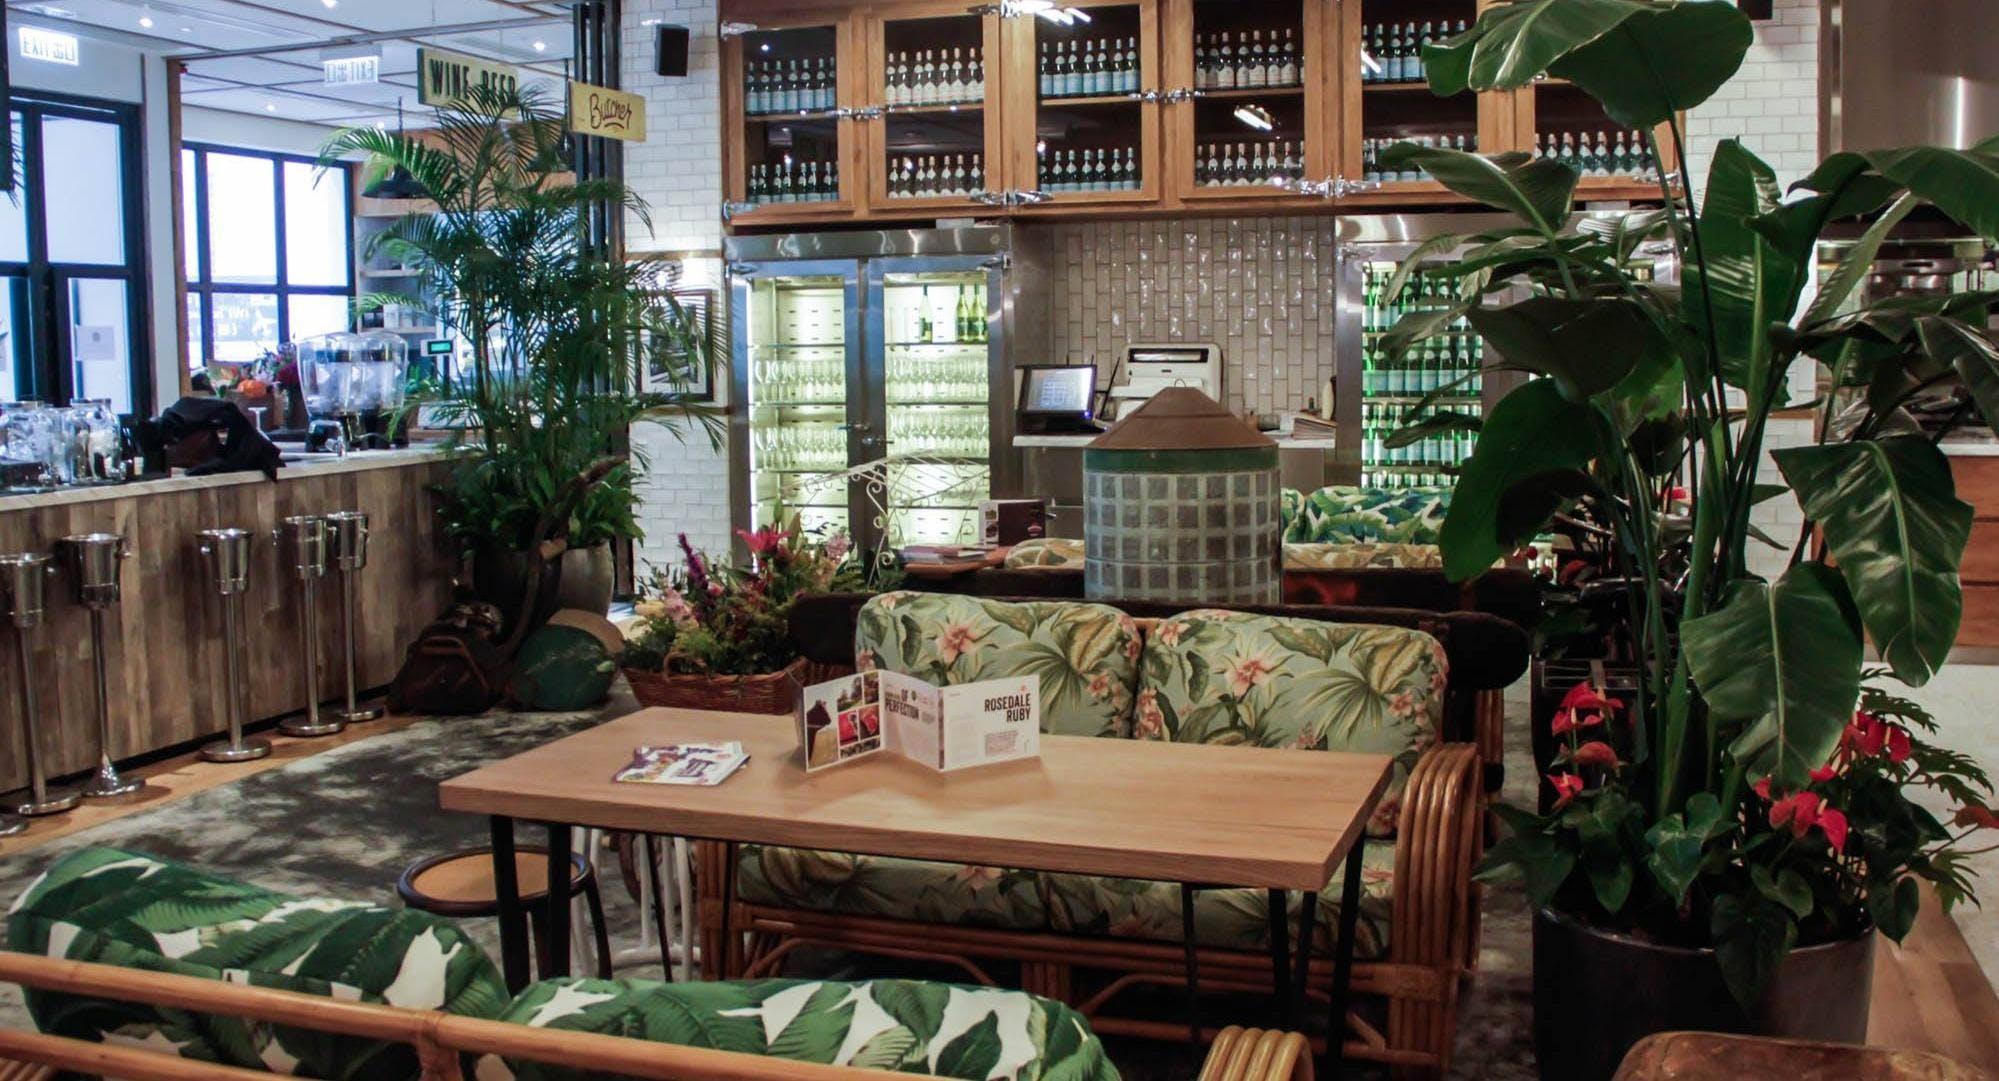 Butcher & Baker Cafe Hong Kong image 1